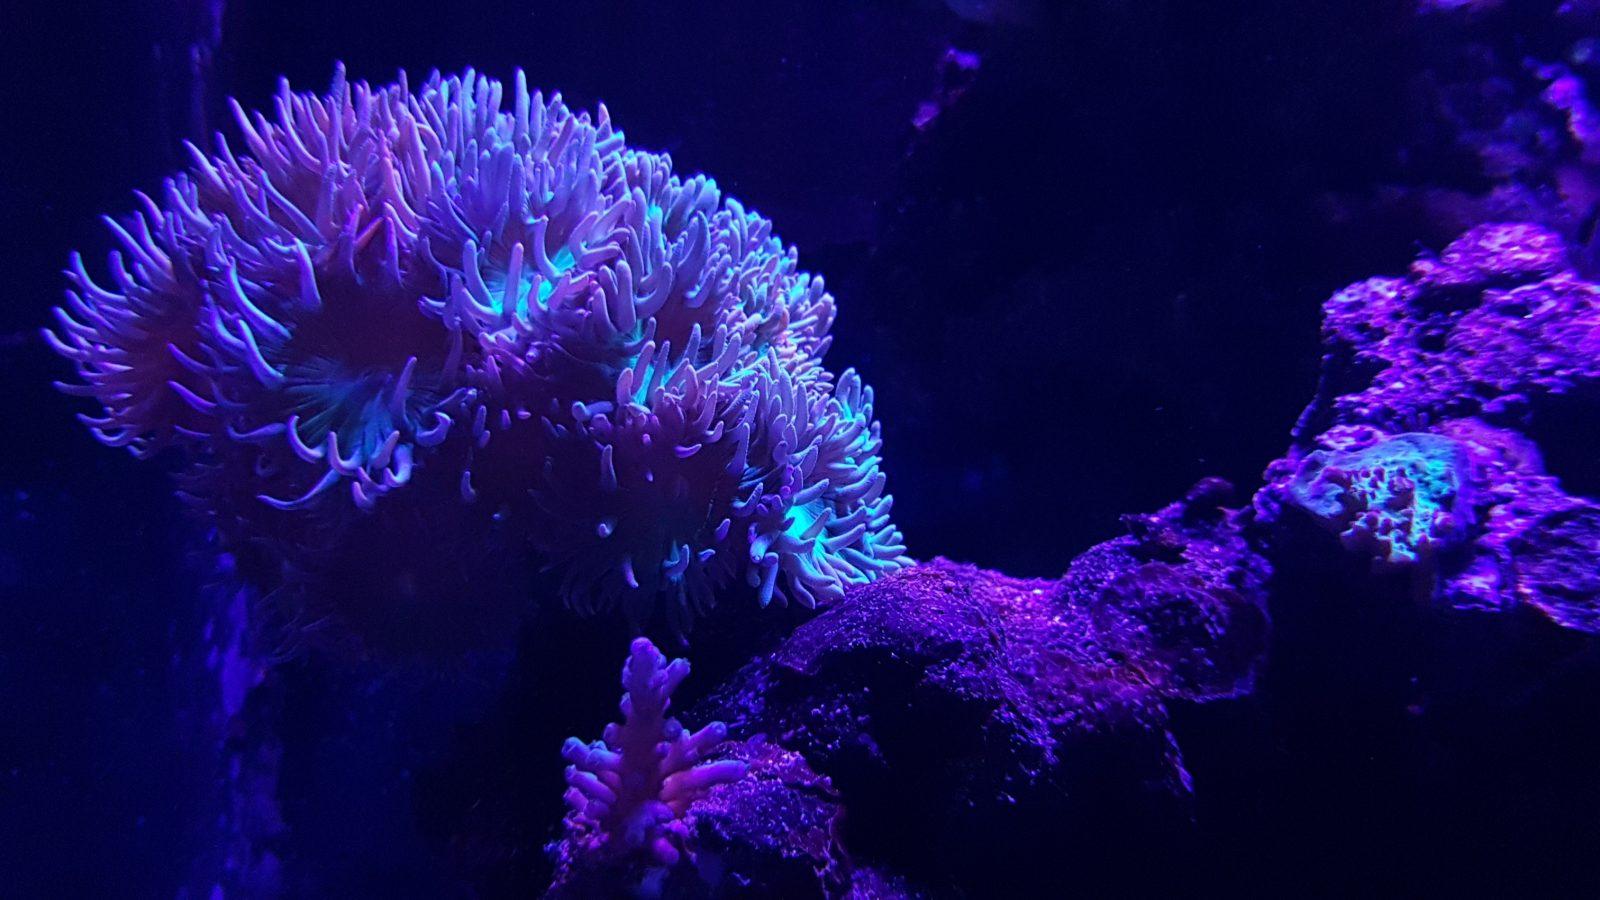 melhor iluminação para um belo crescimento de corais